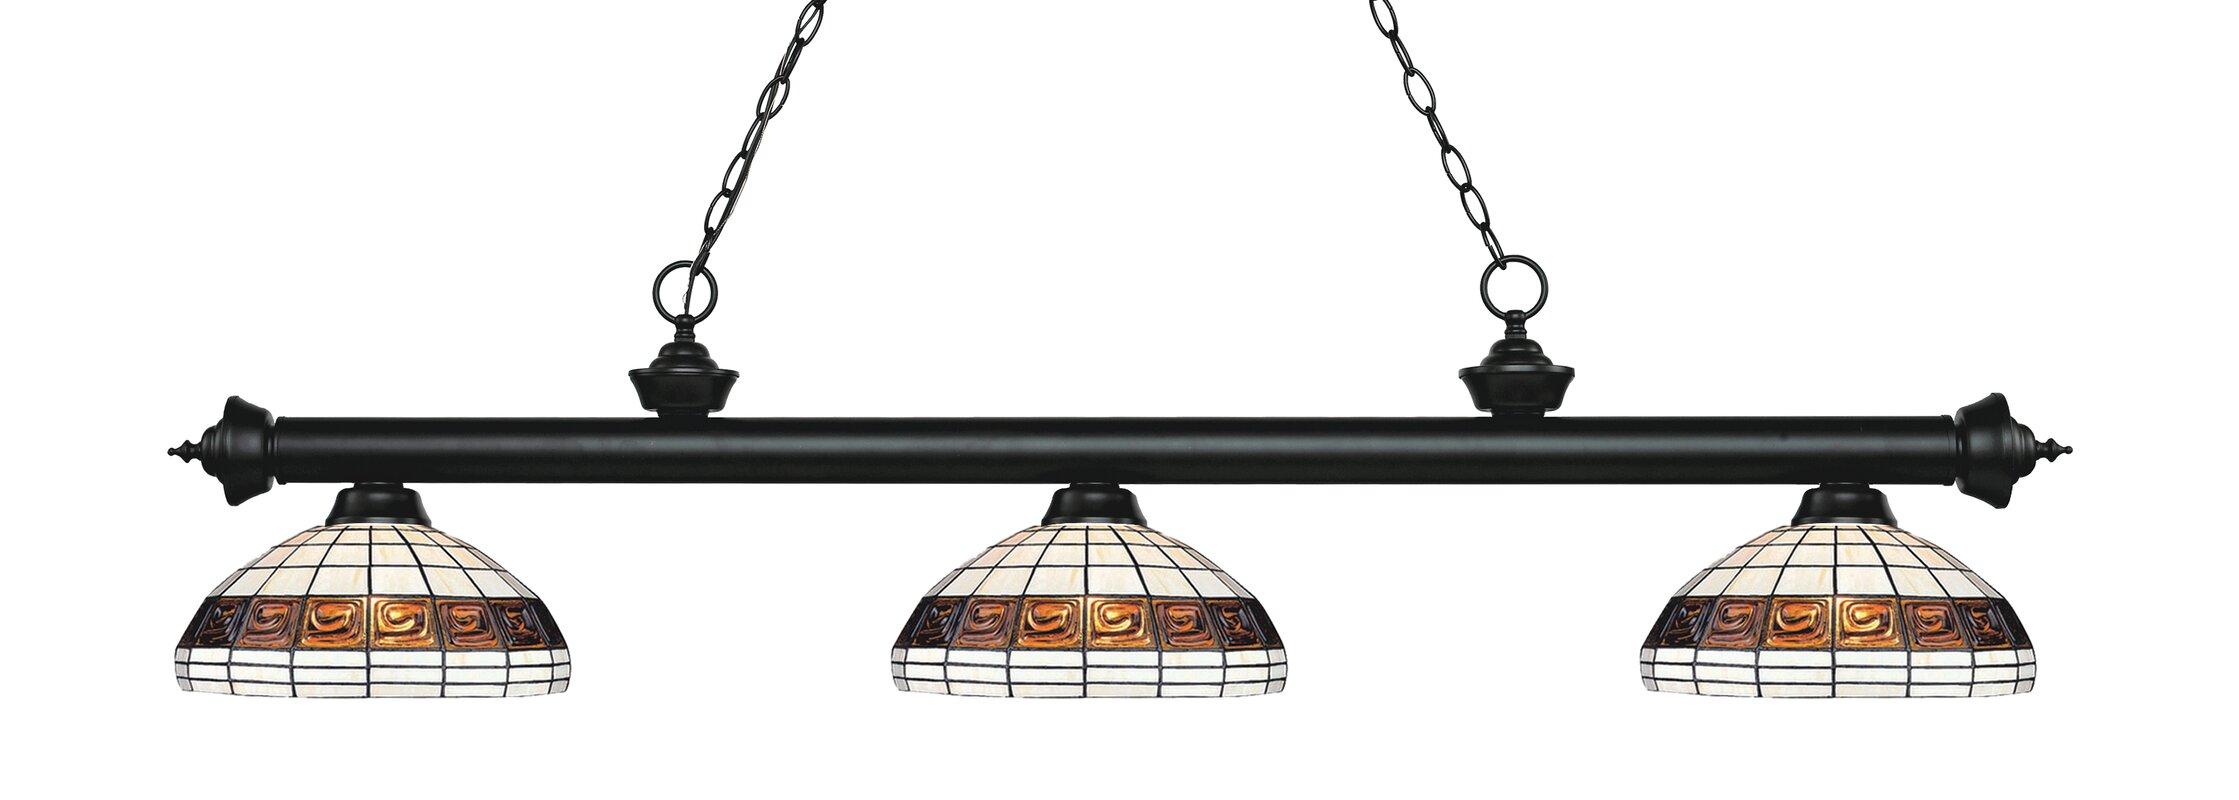 Billington 3-Light Pool Table Lights Pendant